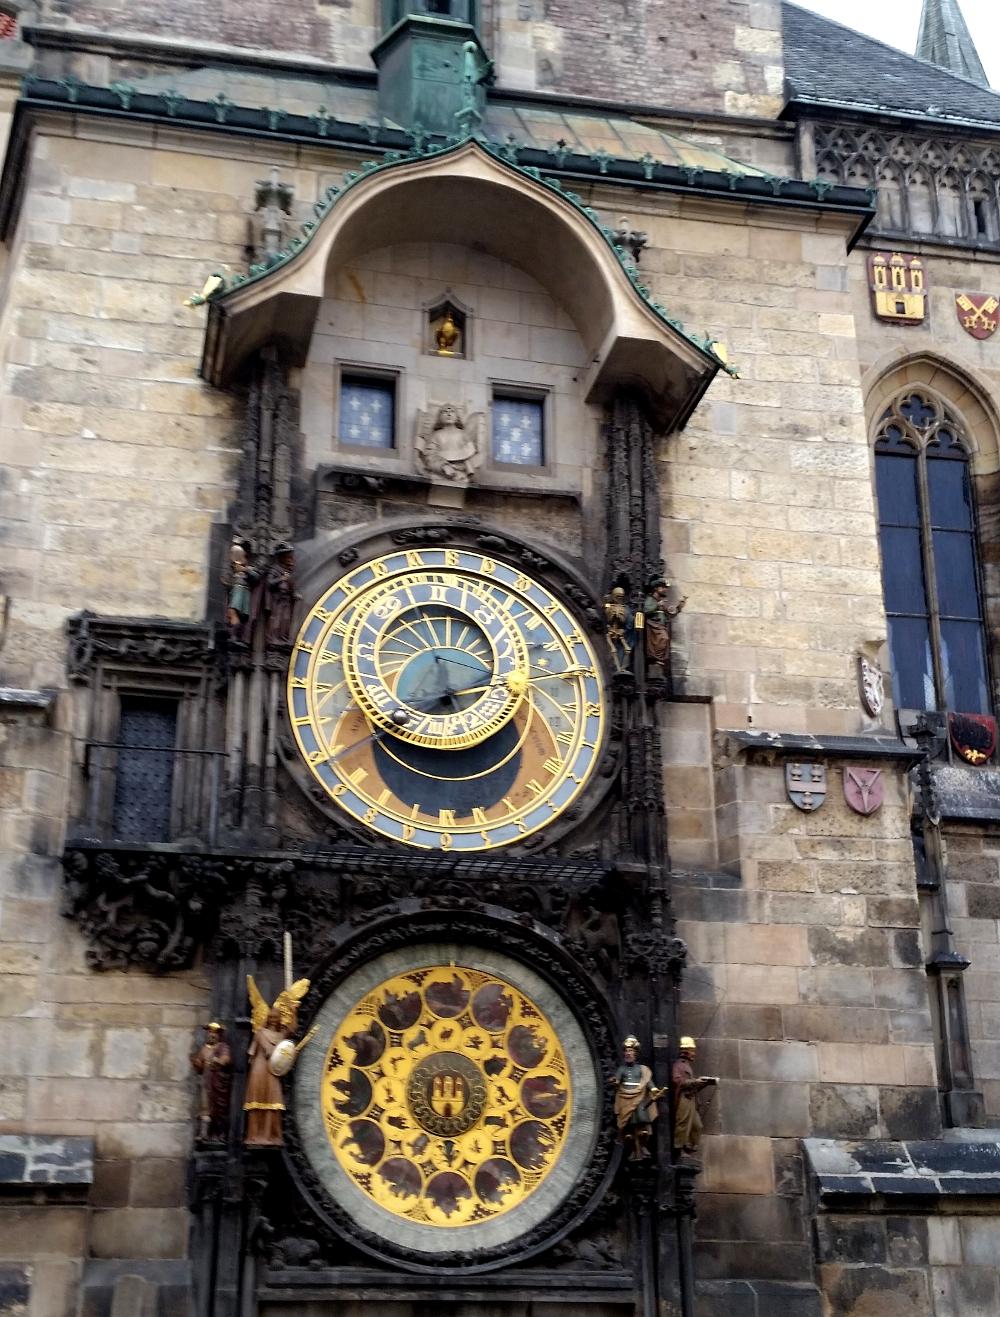 Astronomische Uhr am Altstädter Rathaus in Prag.